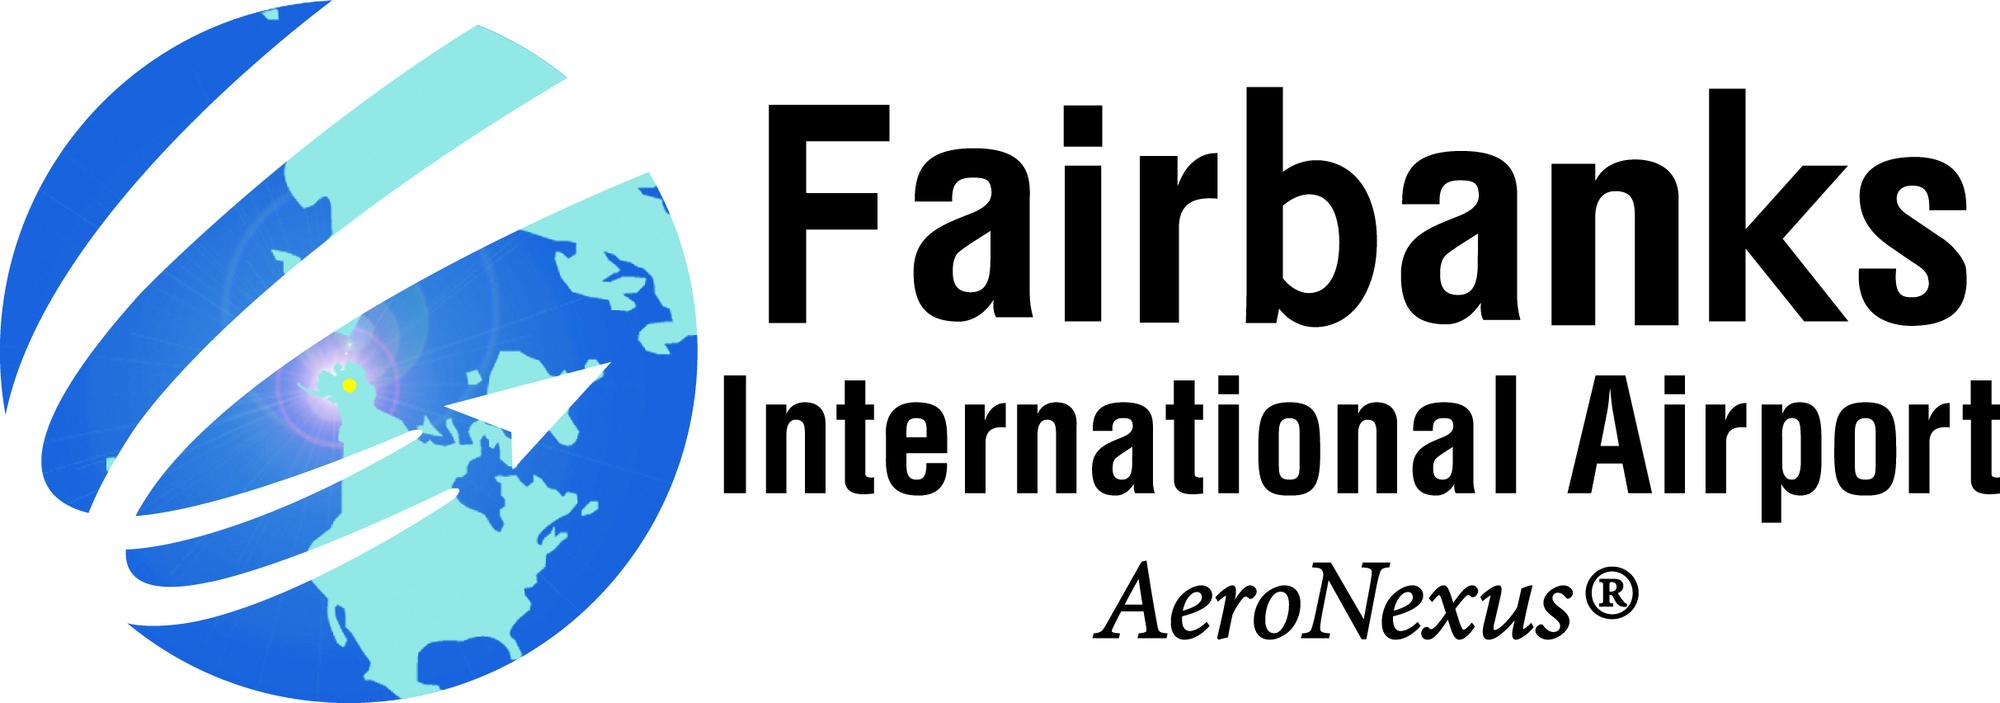 2014 FAI Aeronexus